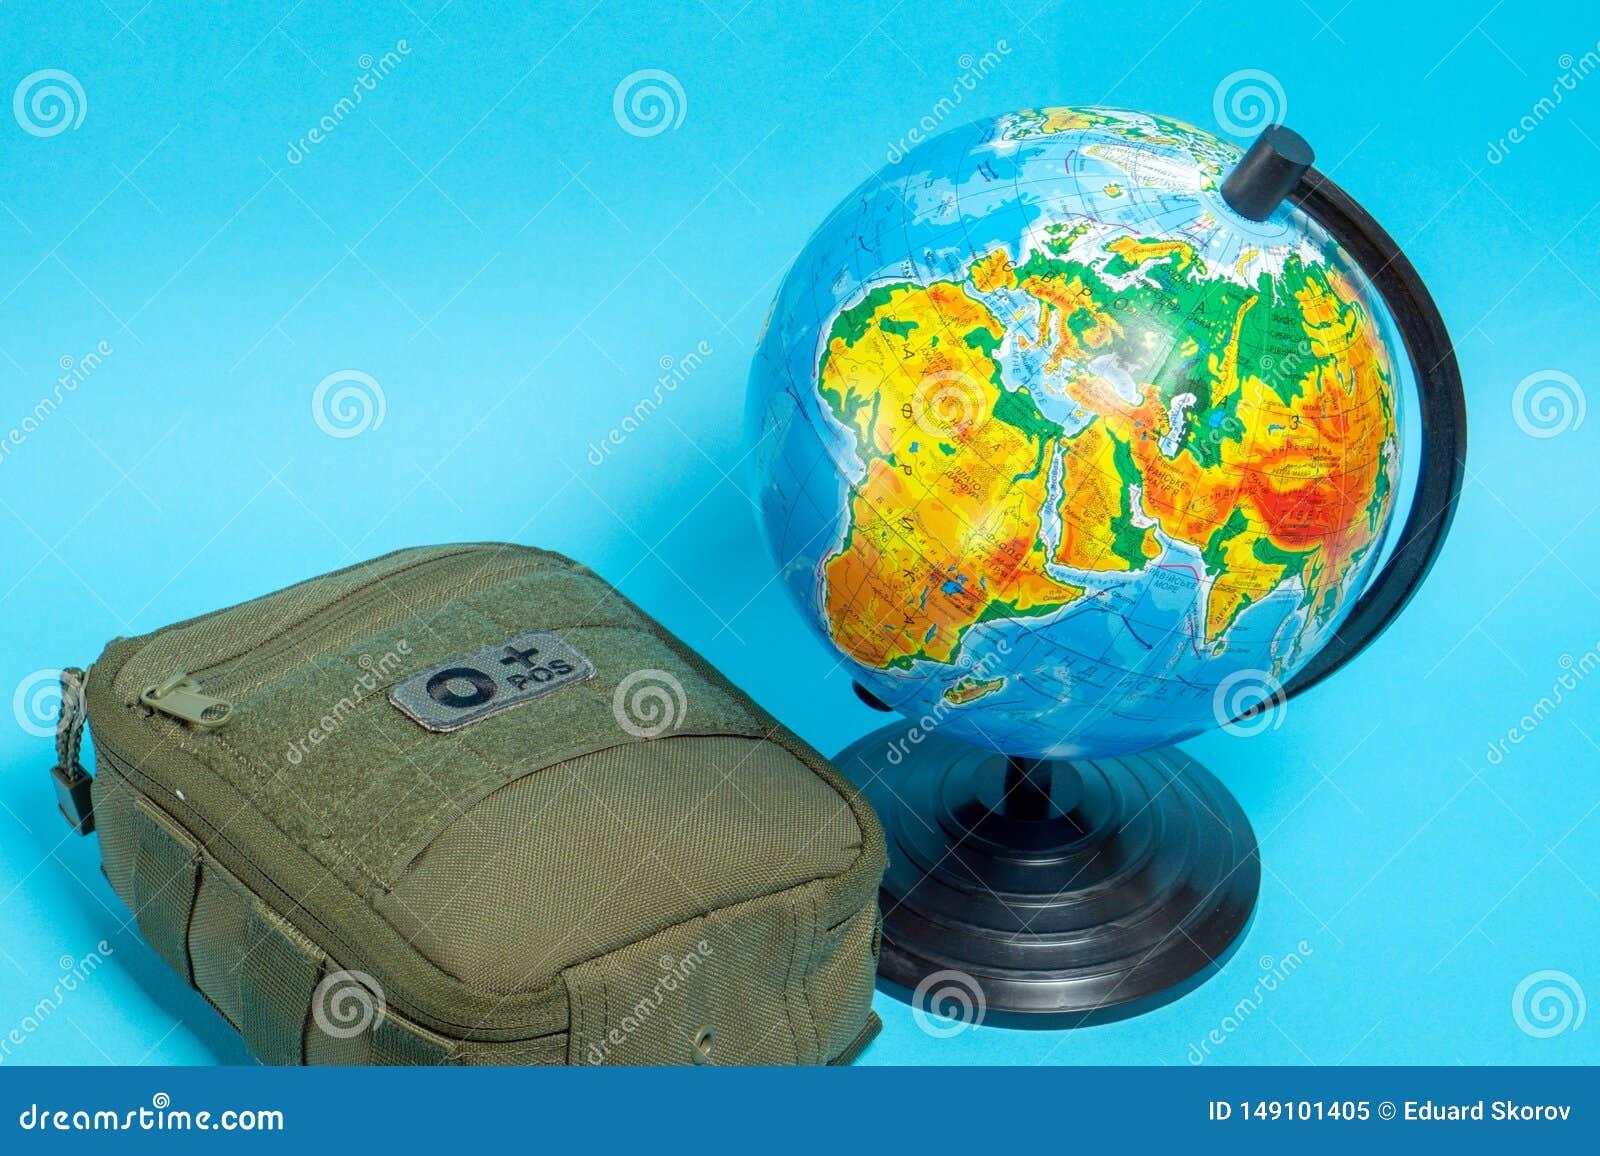 Equipo de primeros auxilios verde al lado del globo en un fondo azul